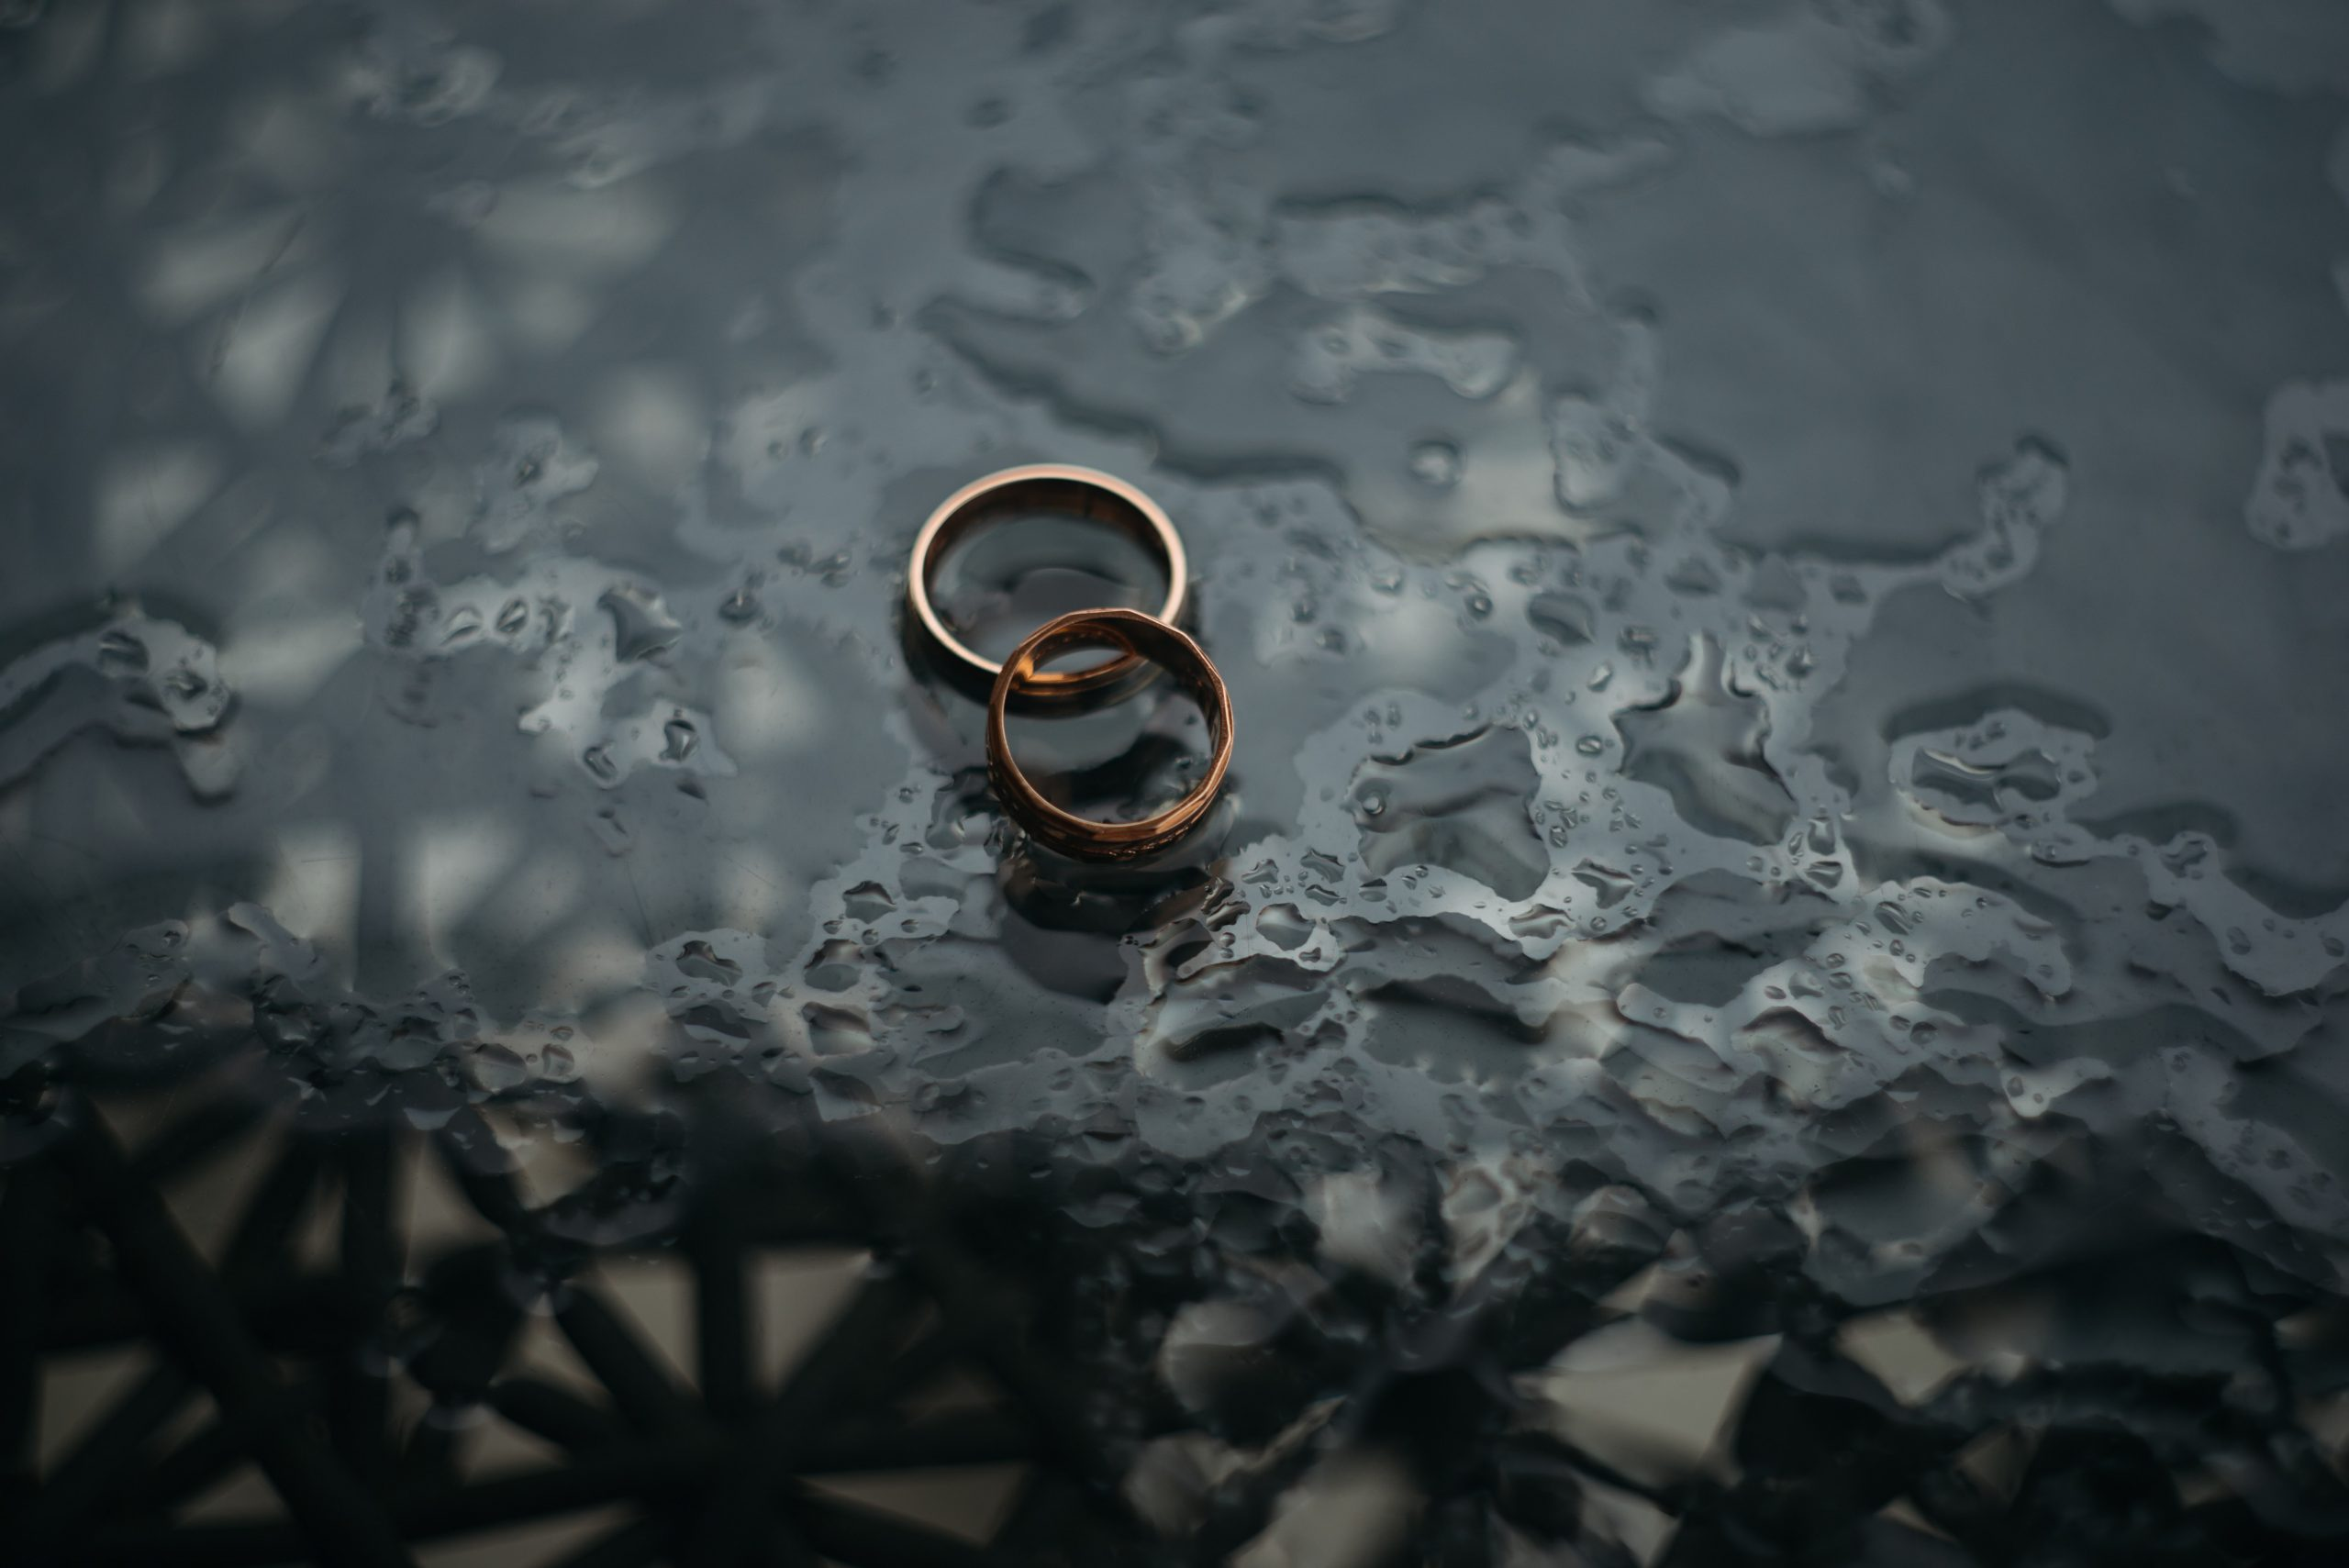 Hoe kan ik gratis scheiden